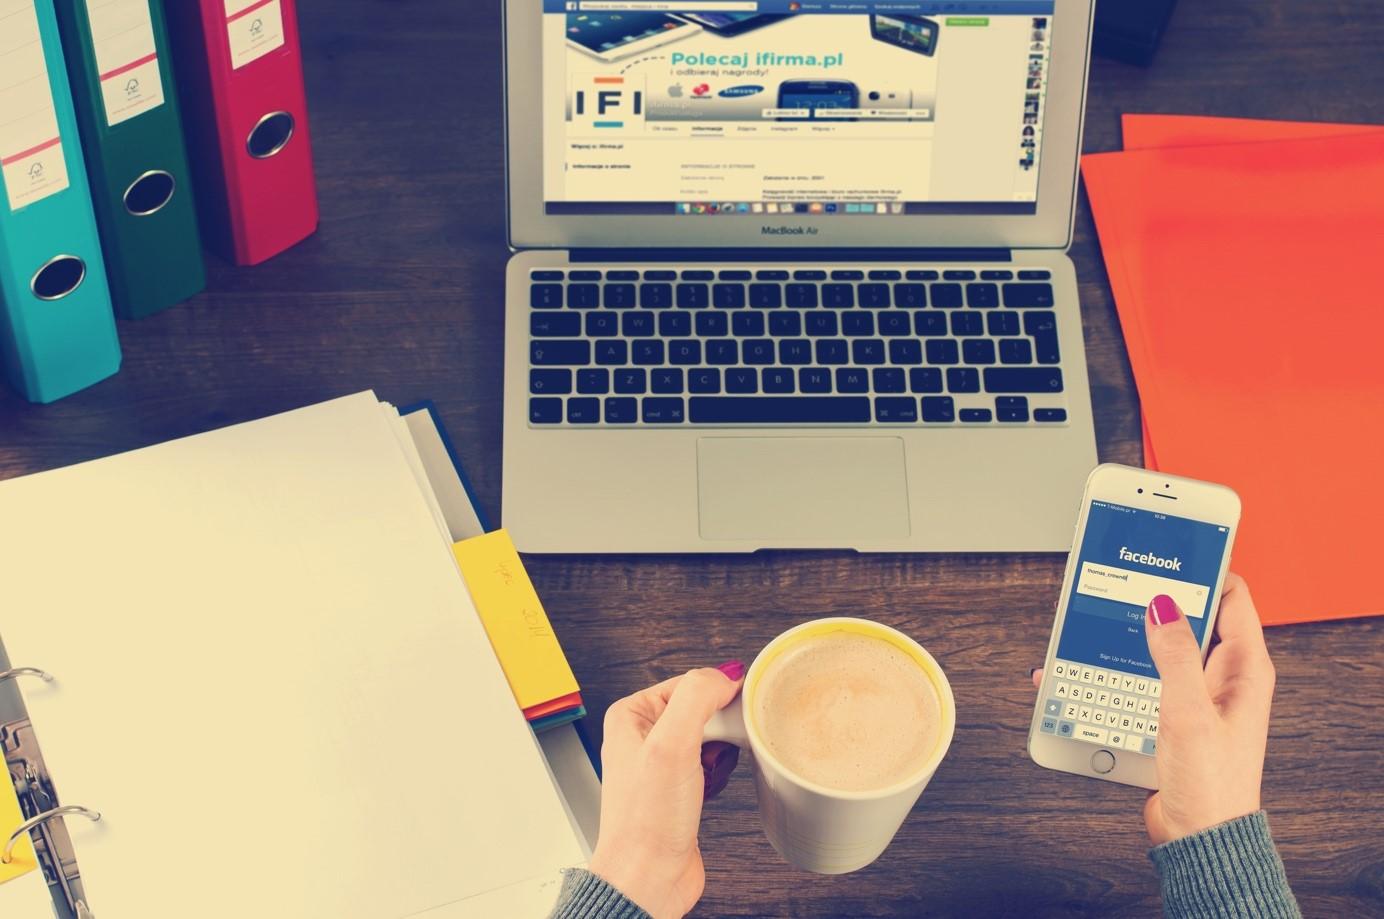 6 conseils pour améliorer votre présence dans réseaux sociaux